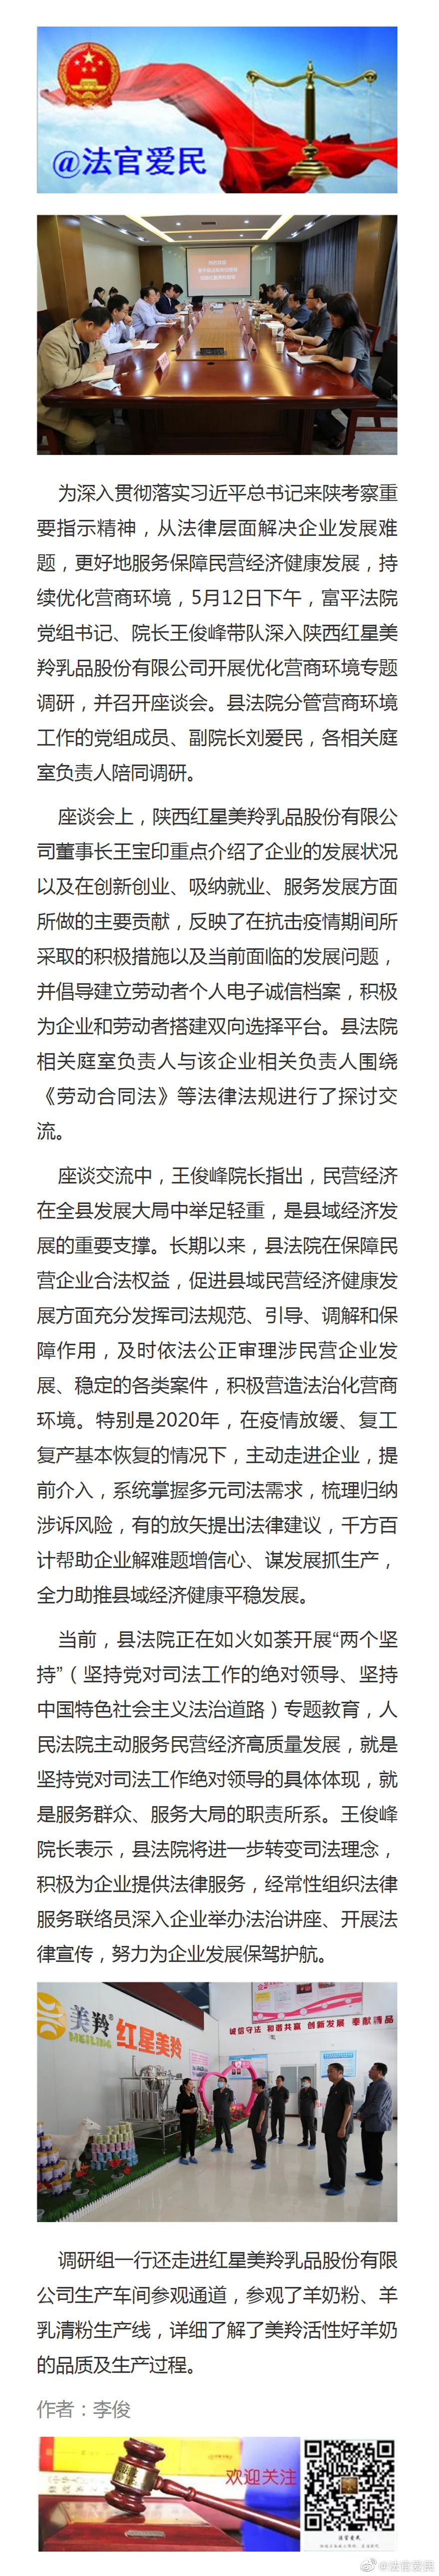 深入民营企业问需求 优化营商环境促发展 ——富平法院深入陕西红星美